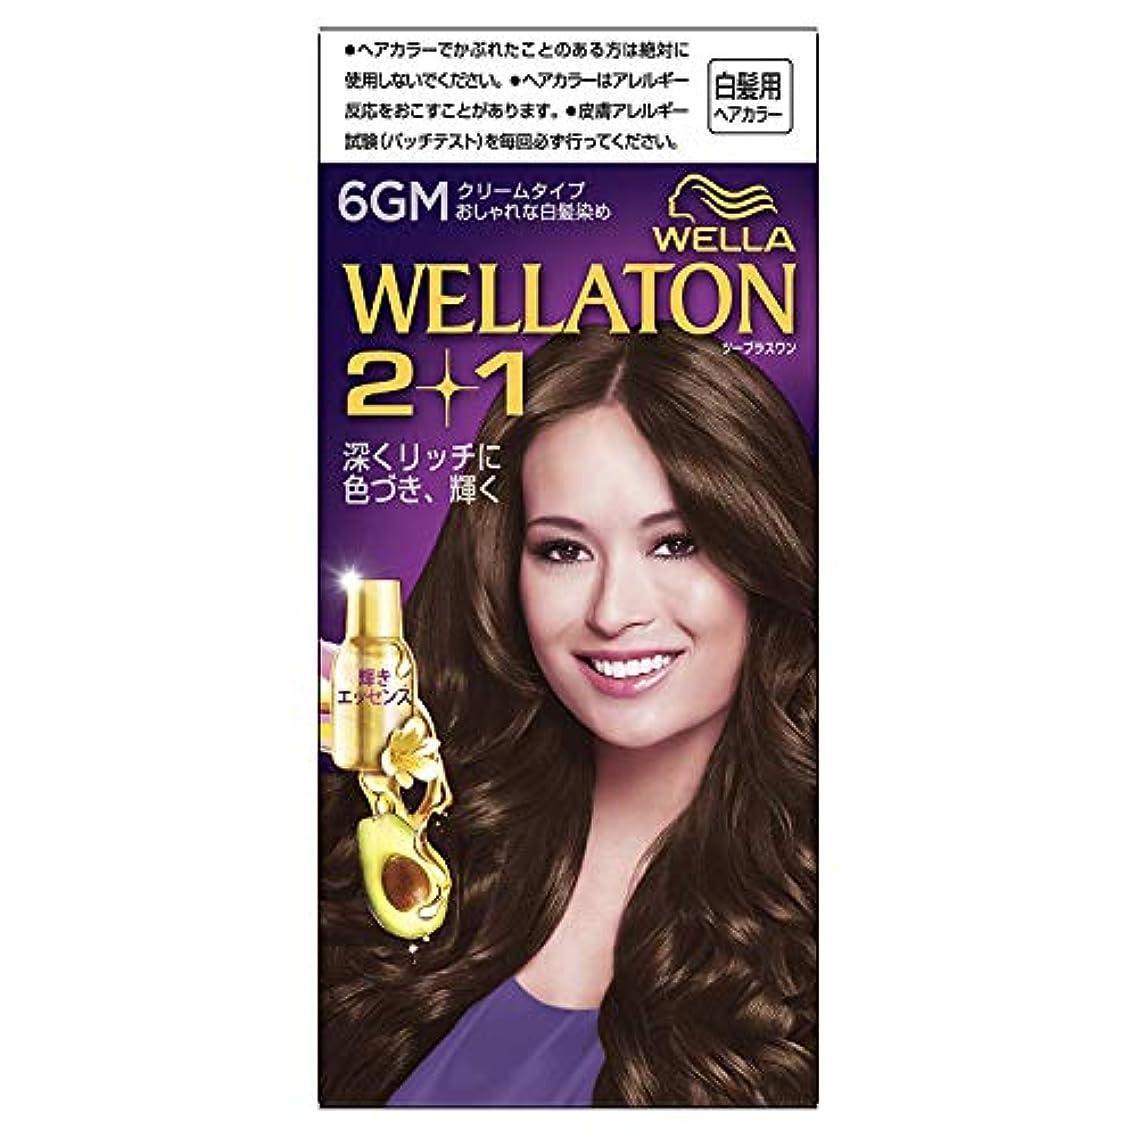 正しい保険食欲ウエラトーン2+1 クリームタイプ 6GM [医薬部外品]×6個